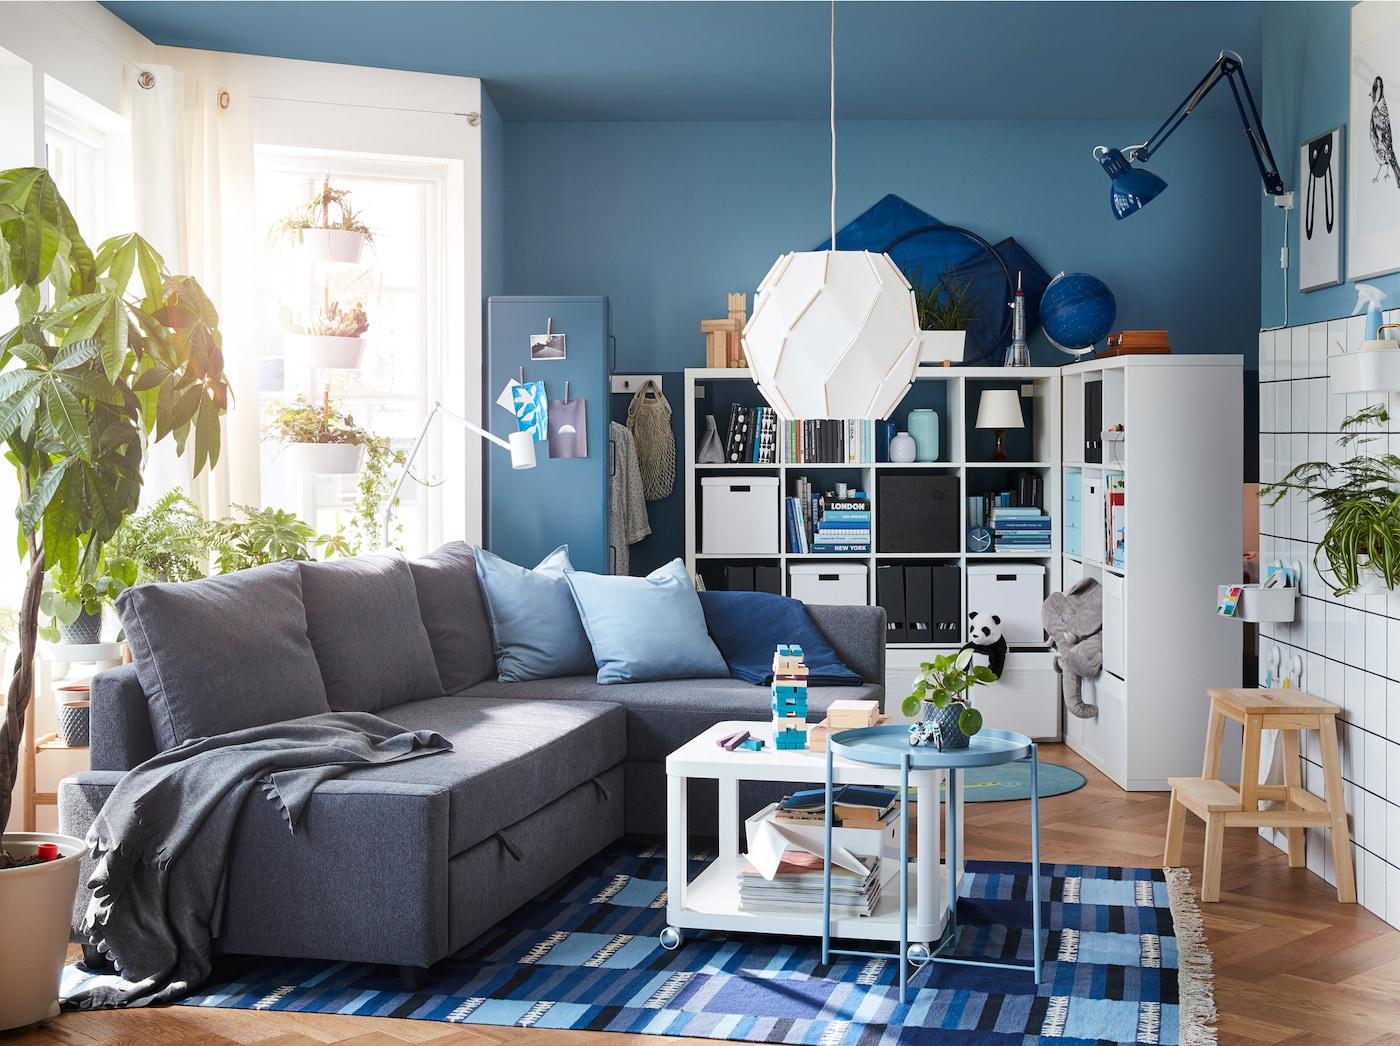 Вітальня з темно-сірим кутовим диваном-ліжком, синім килимком з візерунком та стелажем розміщеним так, що за ним є простір.